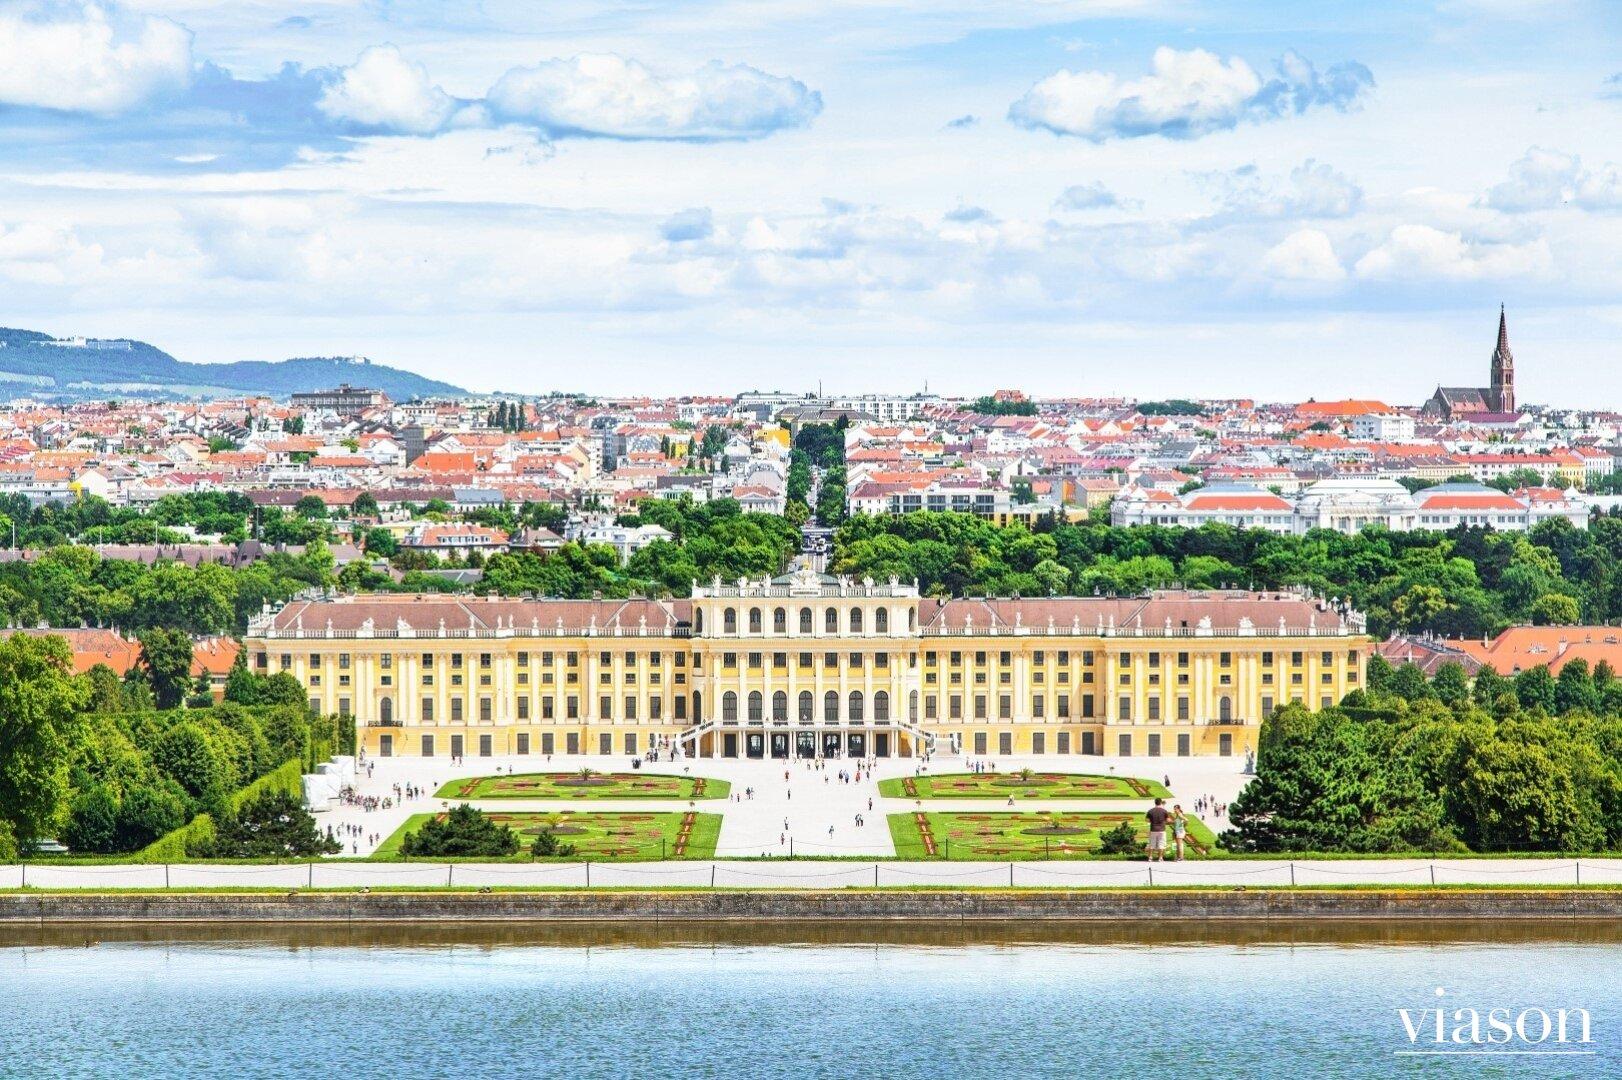 Nahe Schloß Schönbrunn